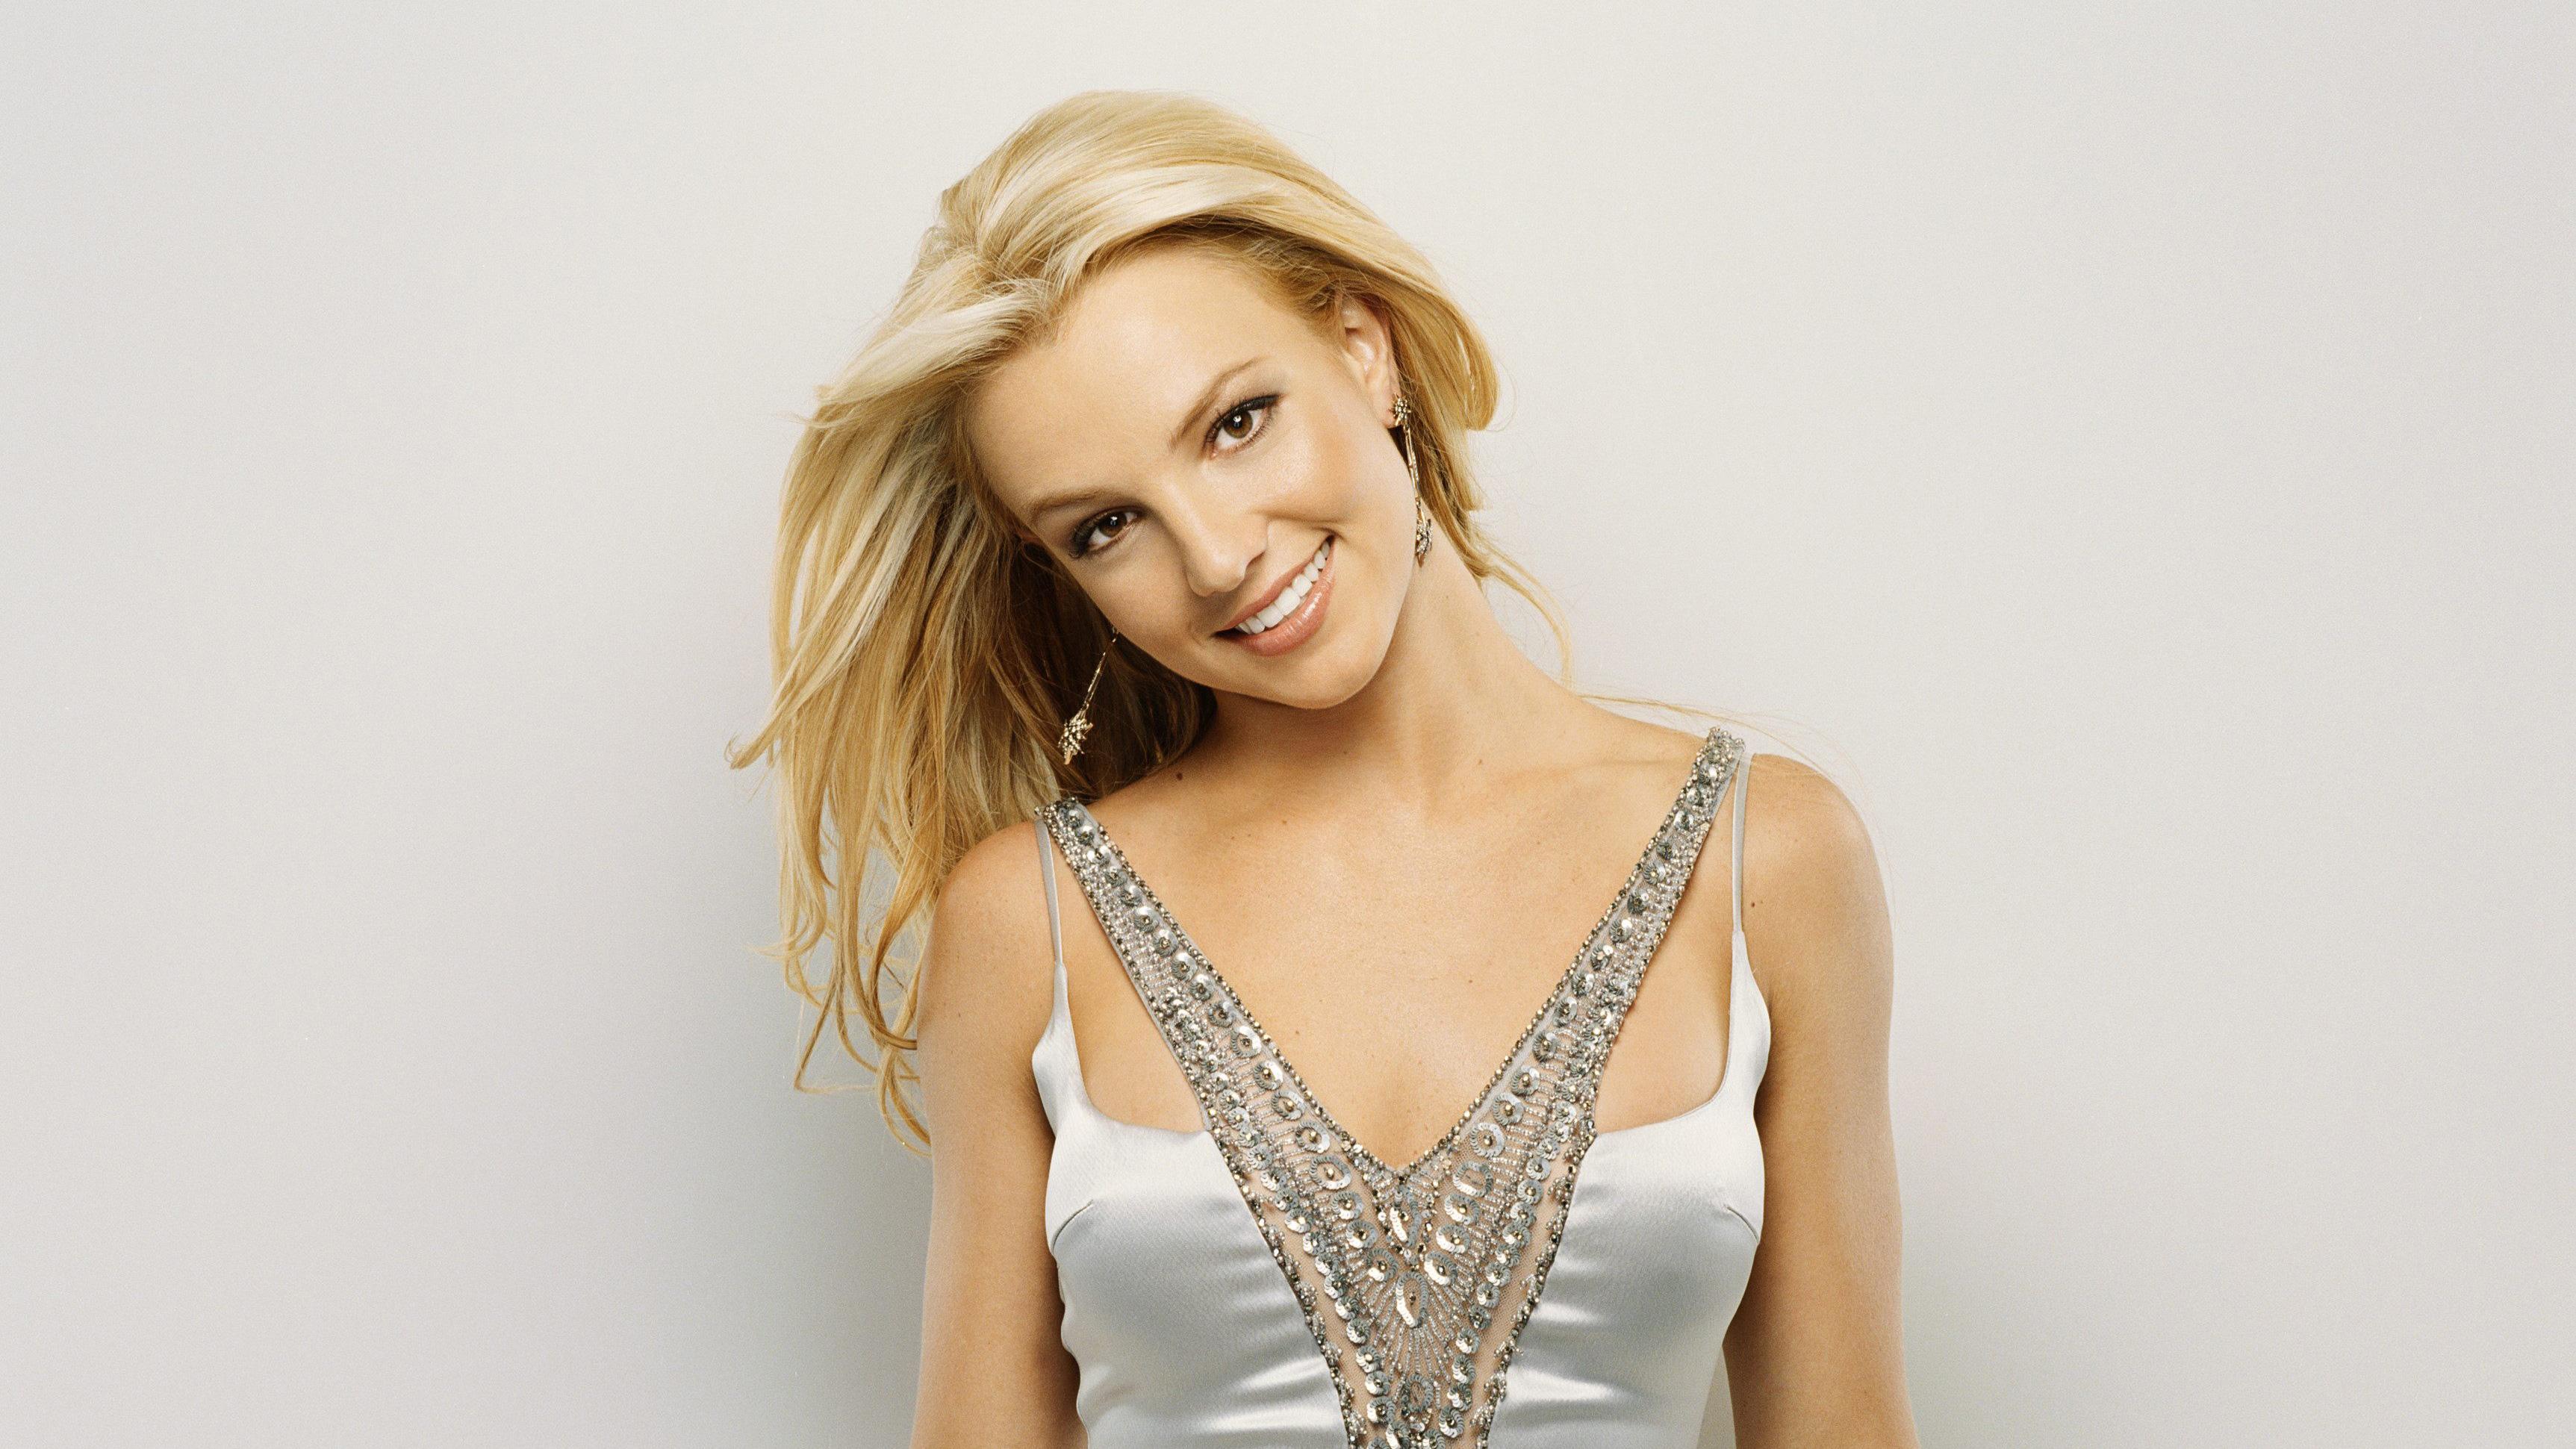 Улыбающаяся девушка, популярная певица Бритни Спирс - обои ... бритни спирс скачать